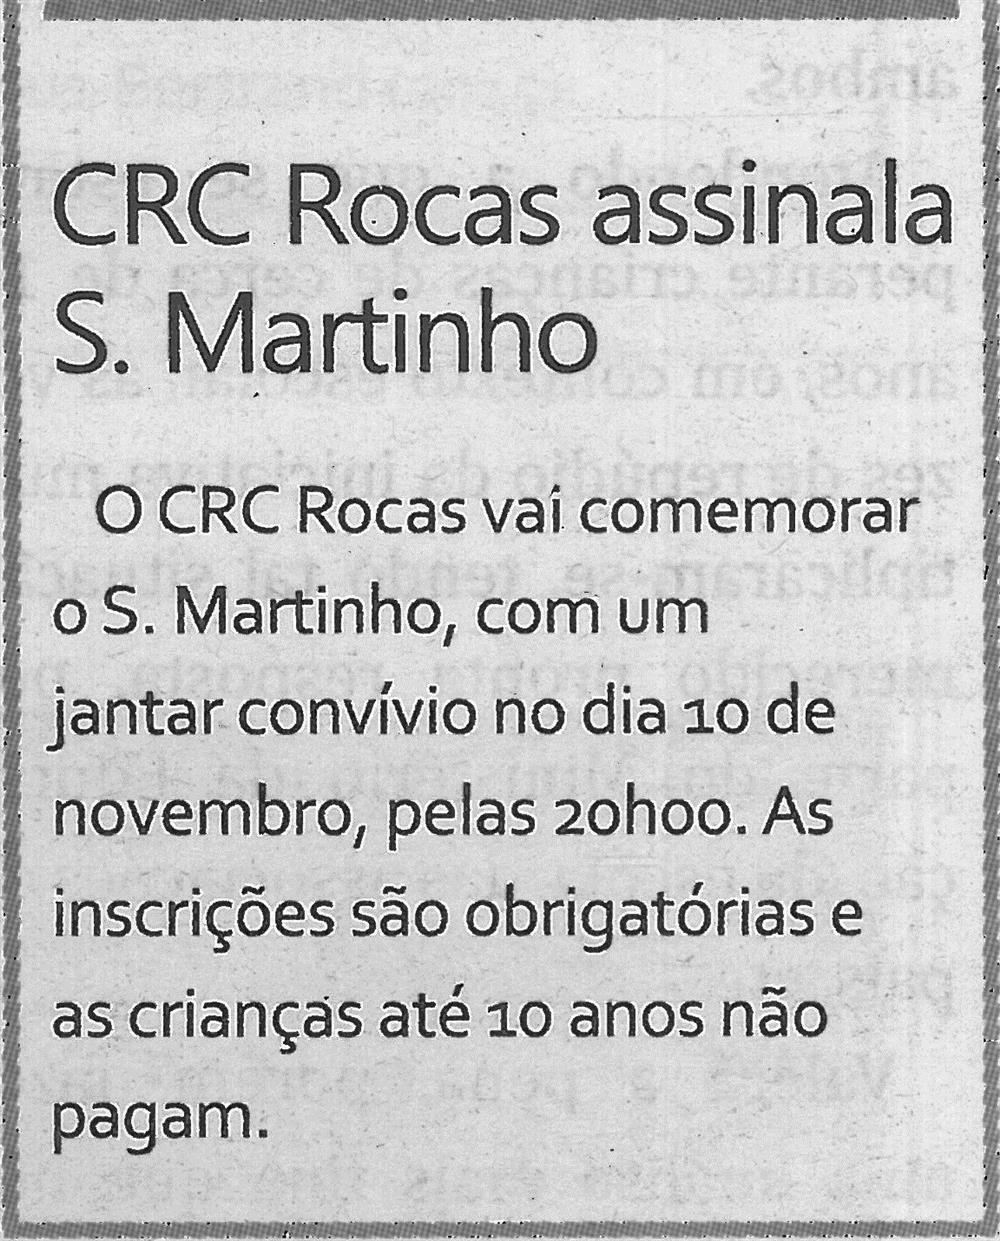 TV-nov.'18-p.15-CRC Rocas assinala S. Martinho.jpg